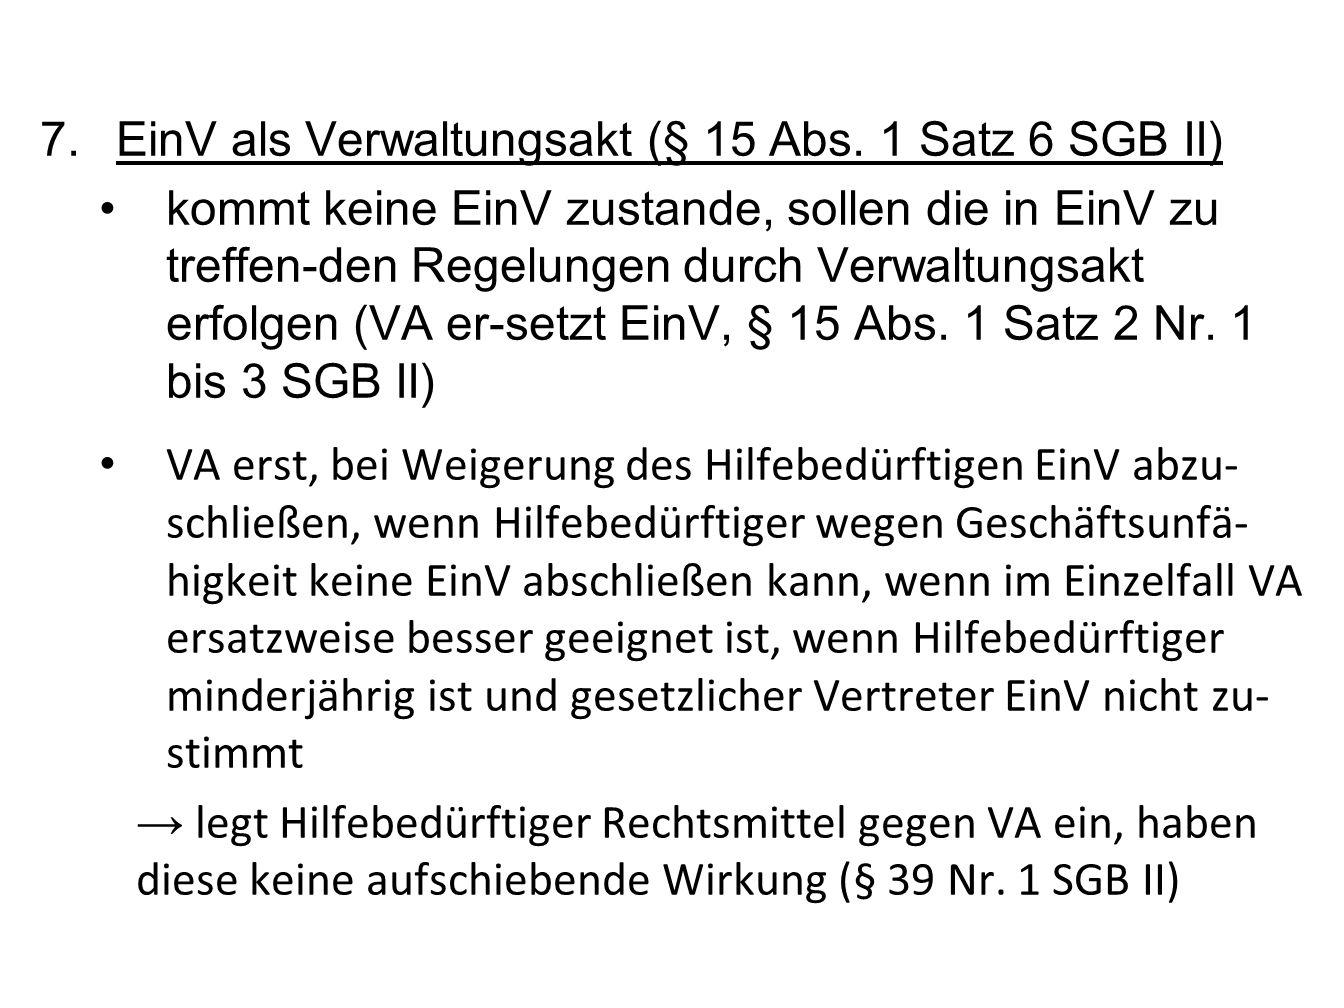 EinV als Verwaltungsakt (§ 15 Abs. 1 Satz 6 SGB II)